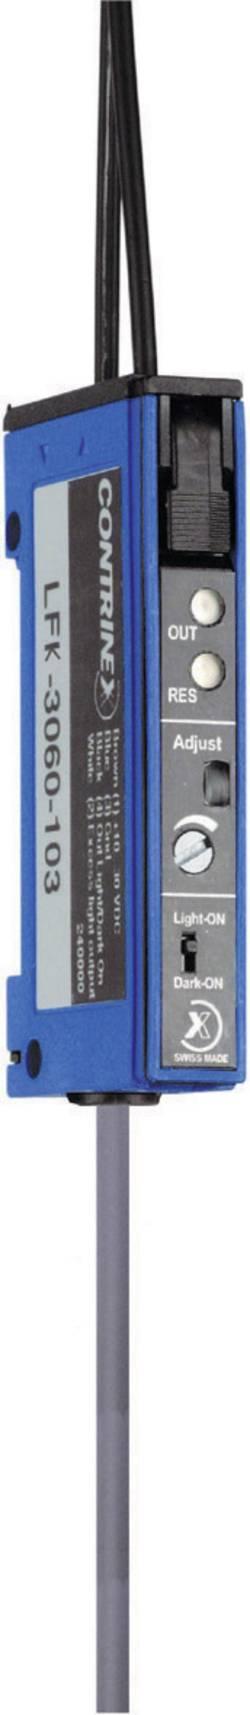 Zesilovač optických vláken na DIN lištu Contrinex LFK-3060-103, kabel 2 m, světlo/tma